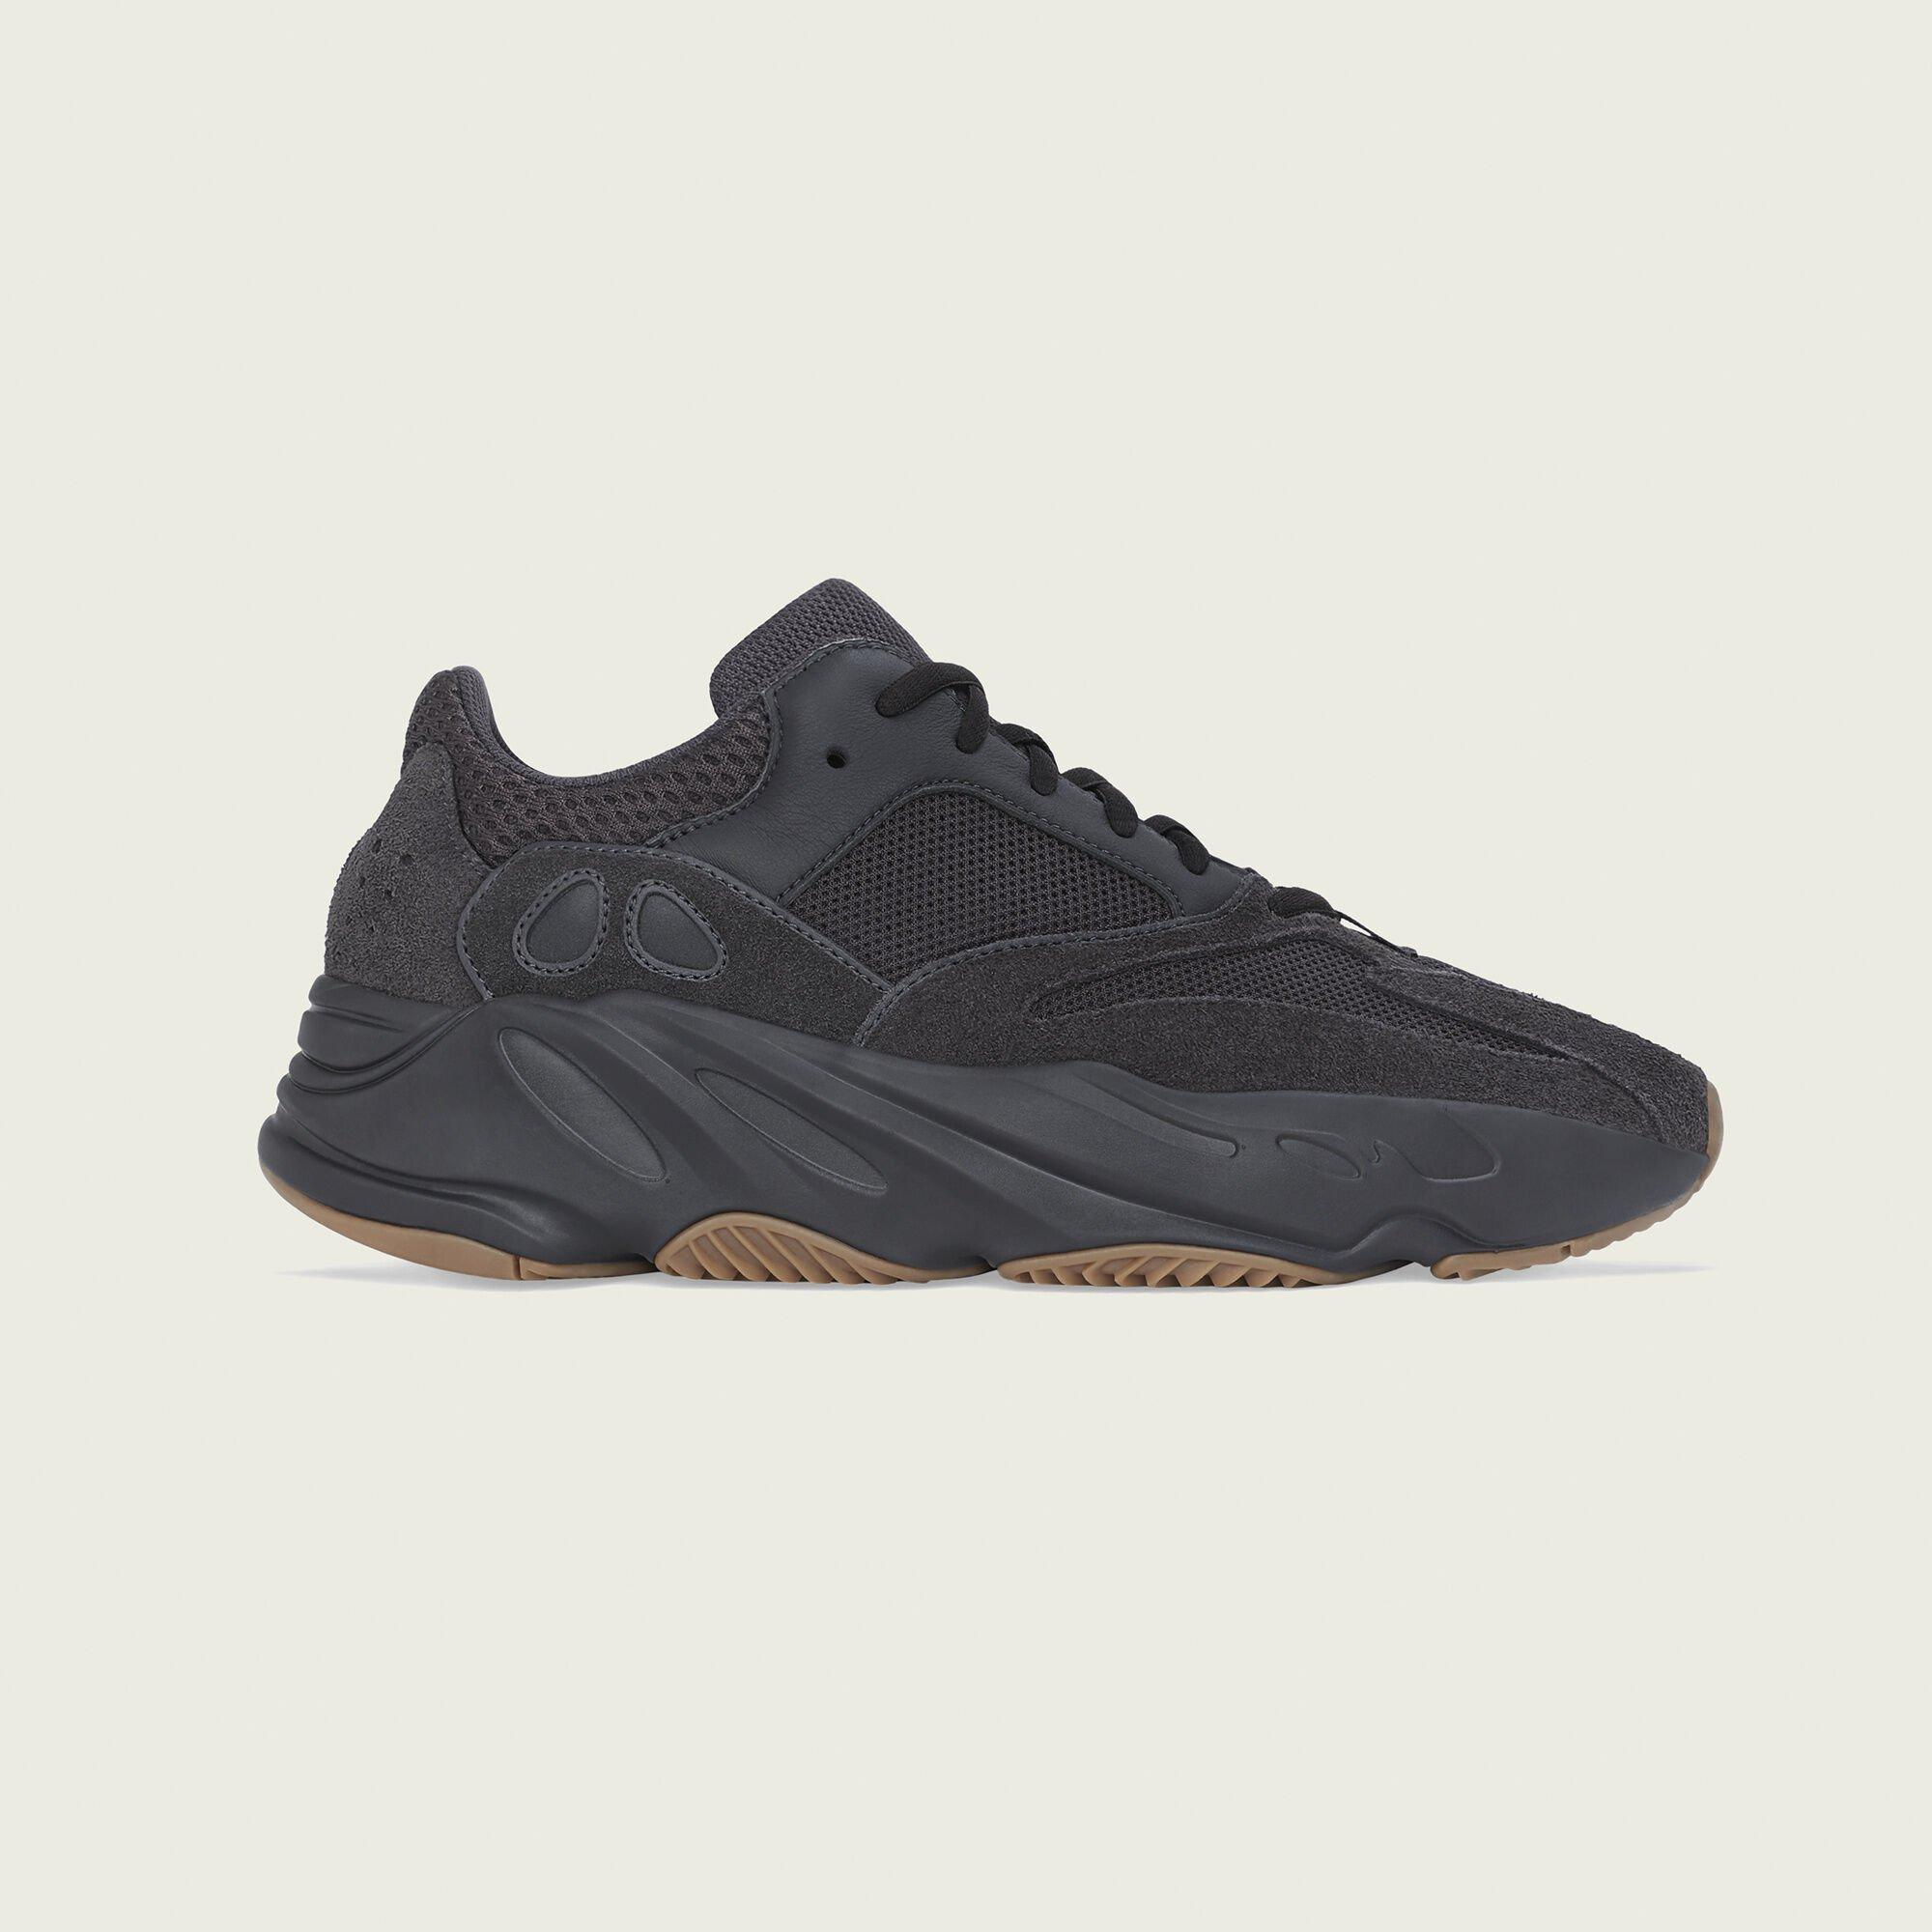 adidas Yeezy Boost 700 Utility Black (FV5304)